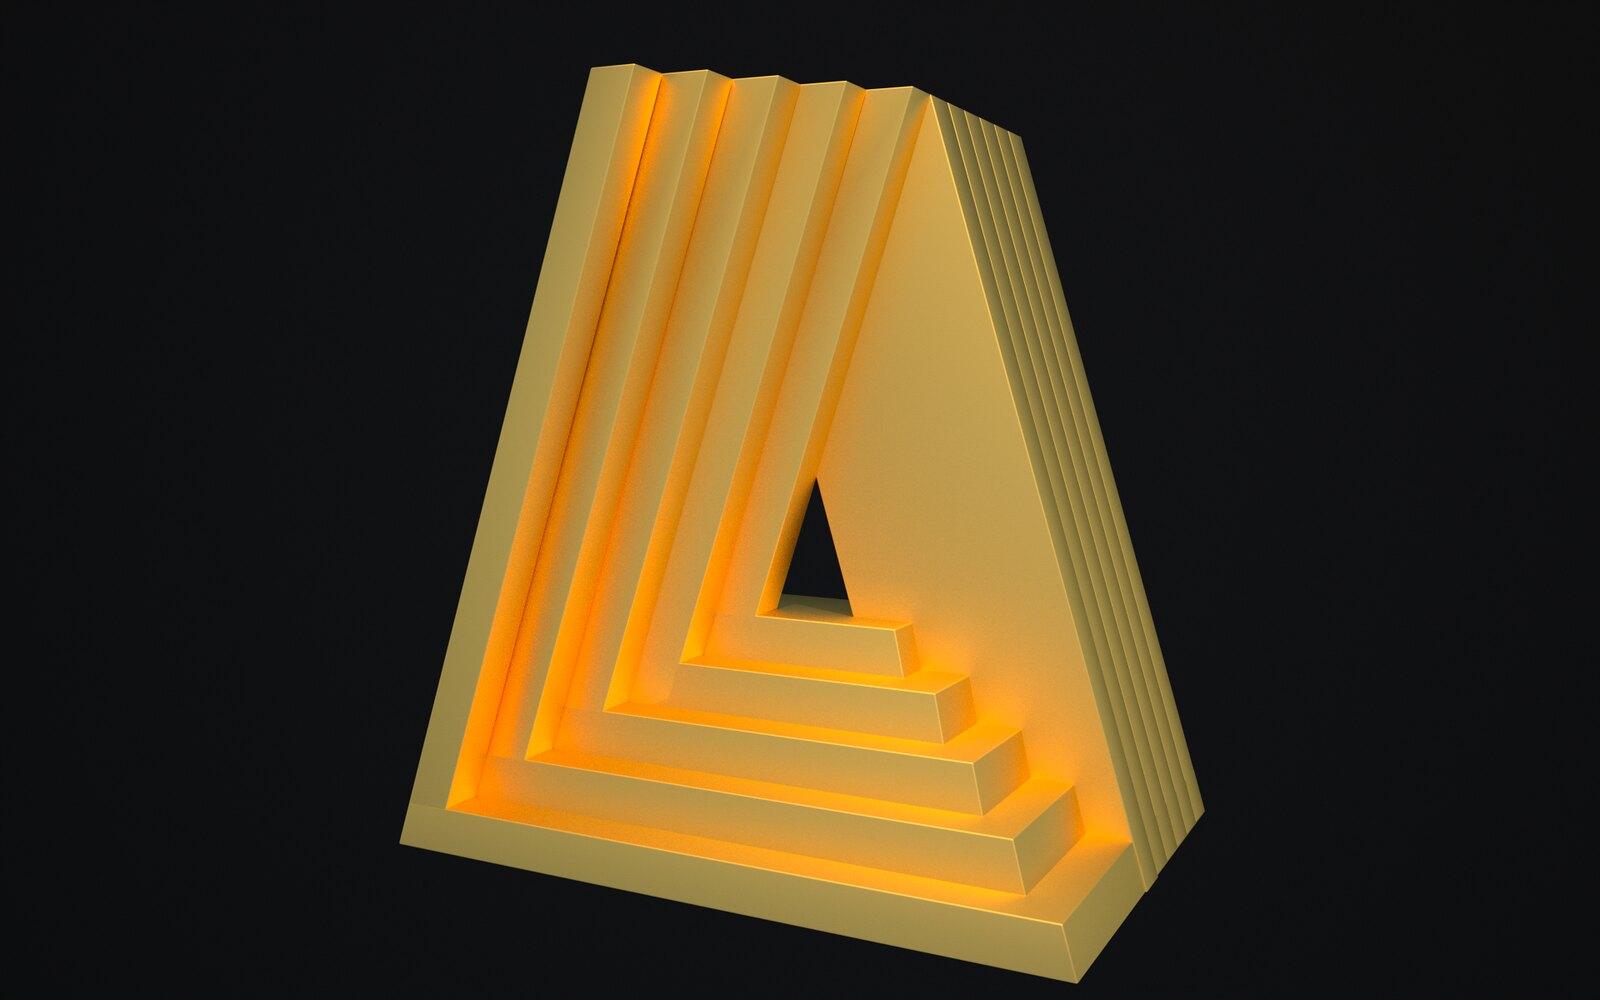 Perceptualizaciones del Estudio de Arqué Poética y Visualística Prospectiva para Takenobu Igarashi letra A (fractalidad)